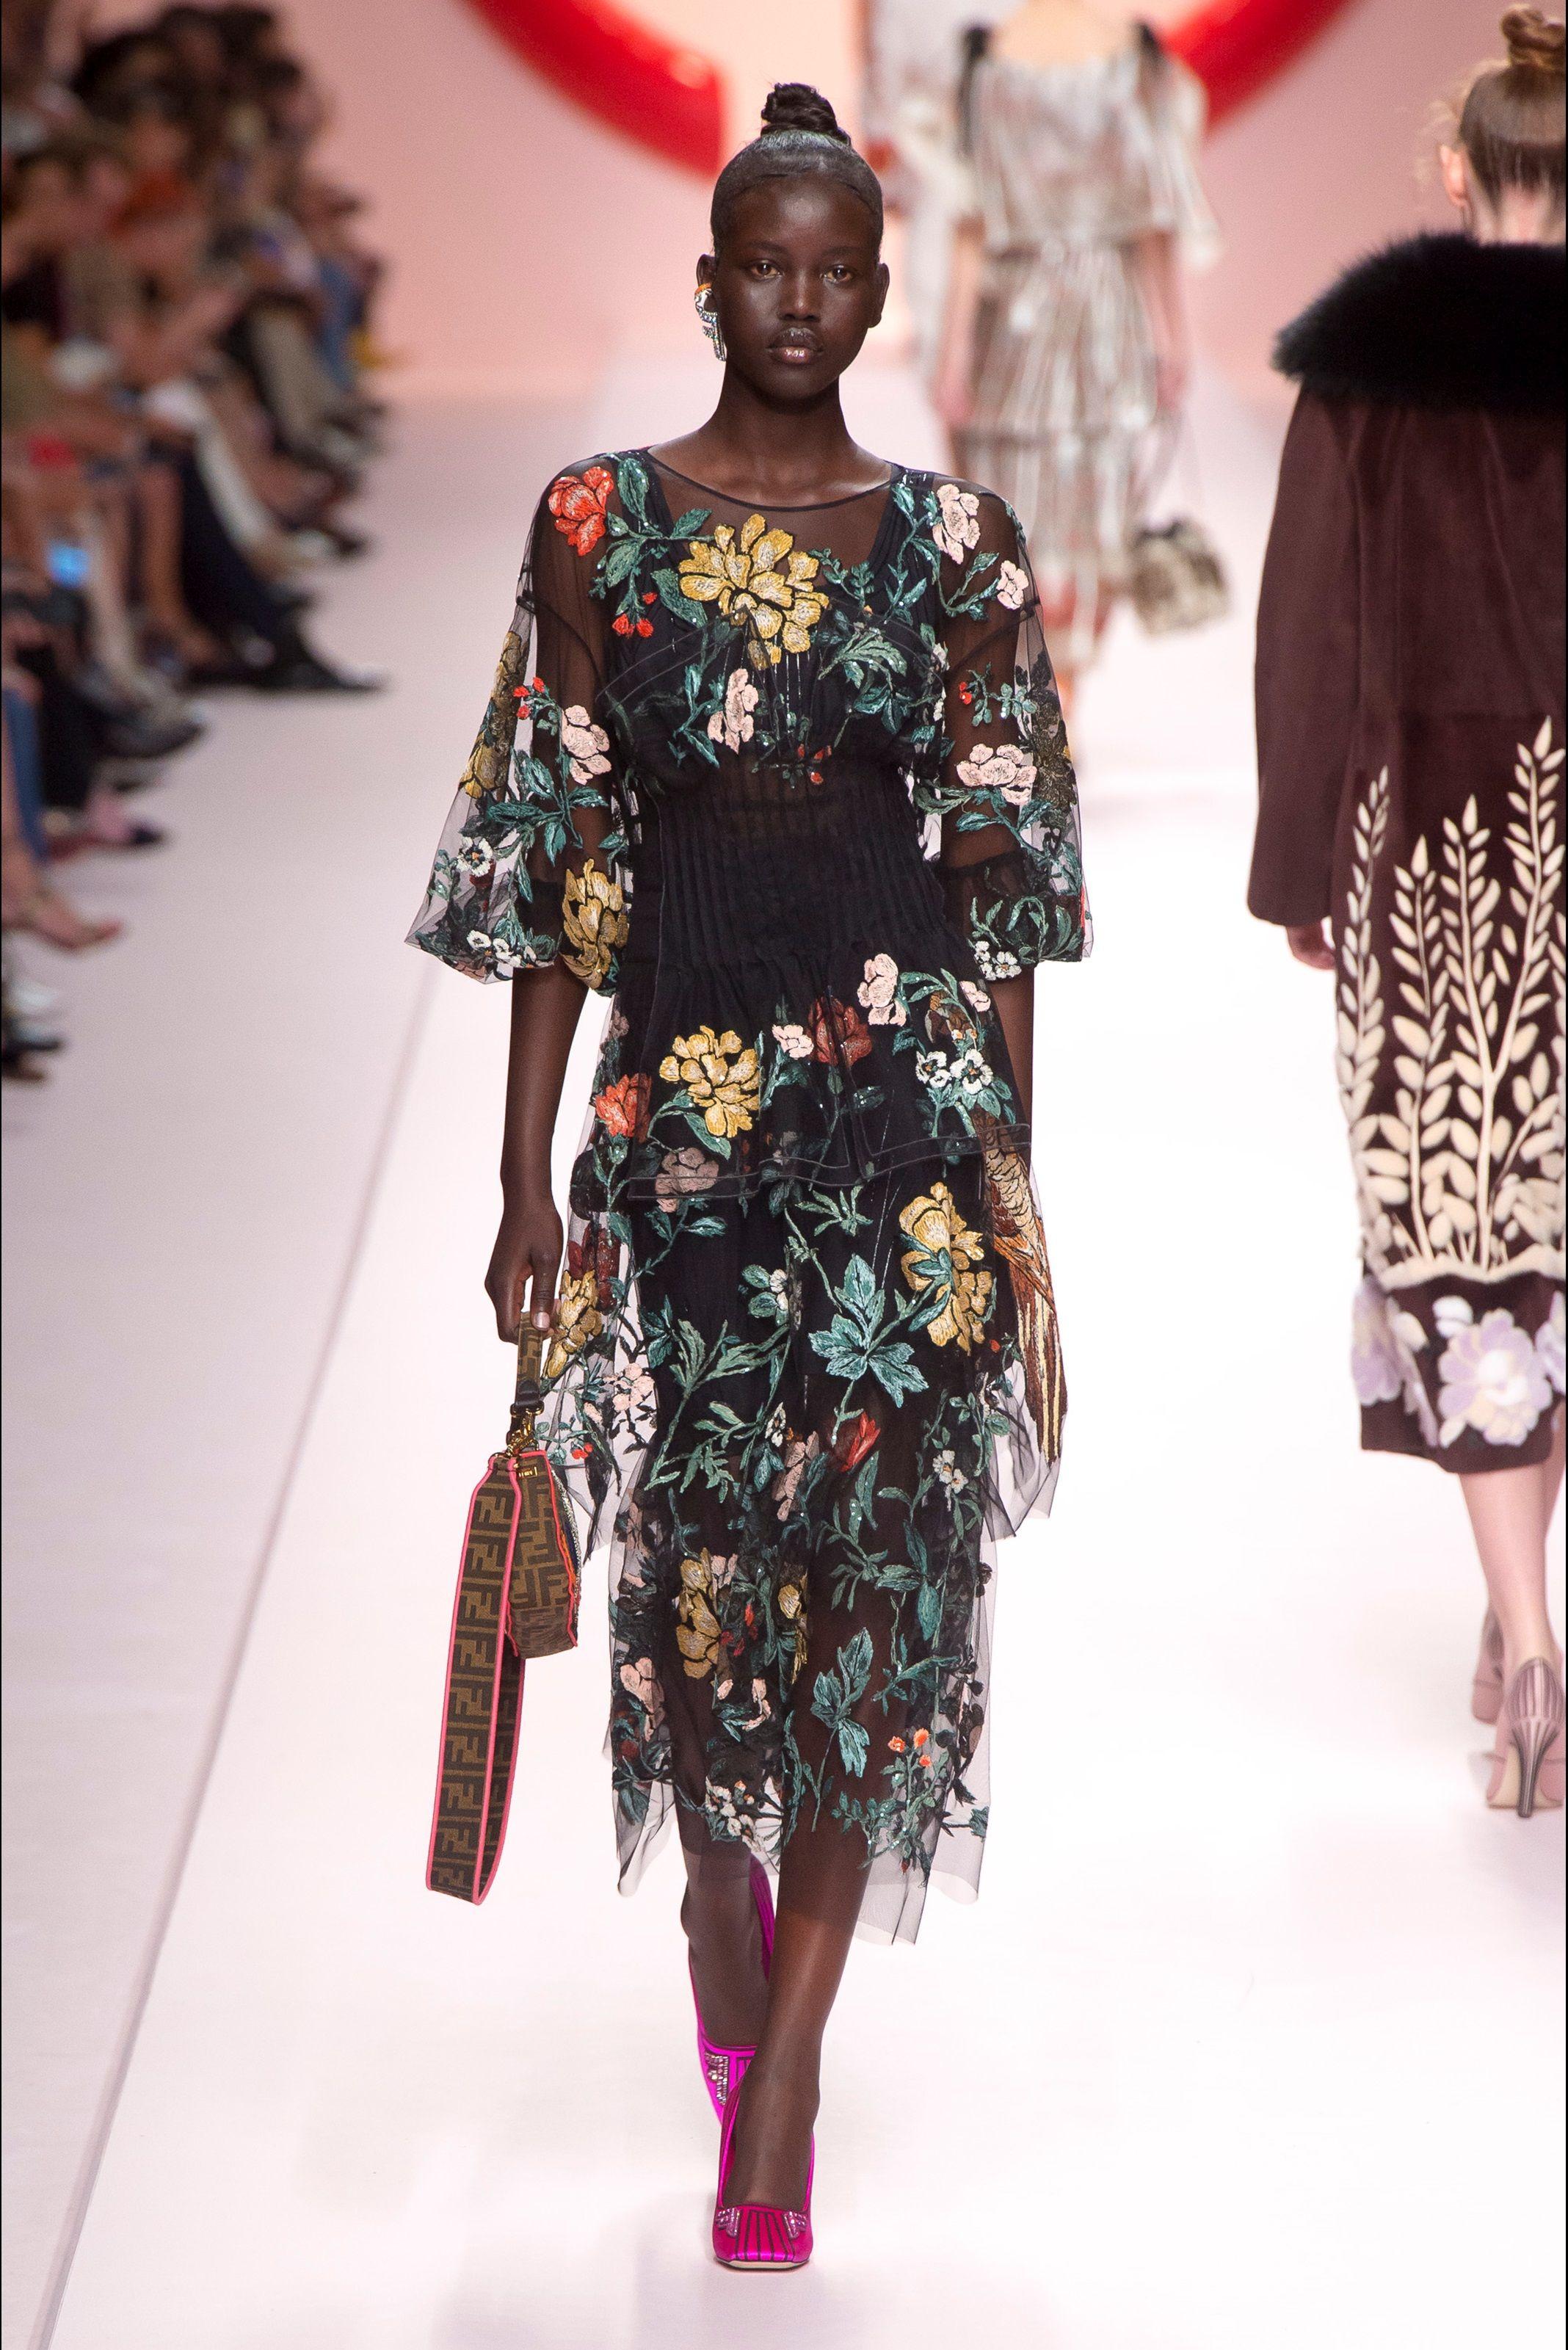 bb2735878124 Sfilata Fendi Milano - Collezioni Primavera Estate 2019 - Vogue Moda  Editoriale